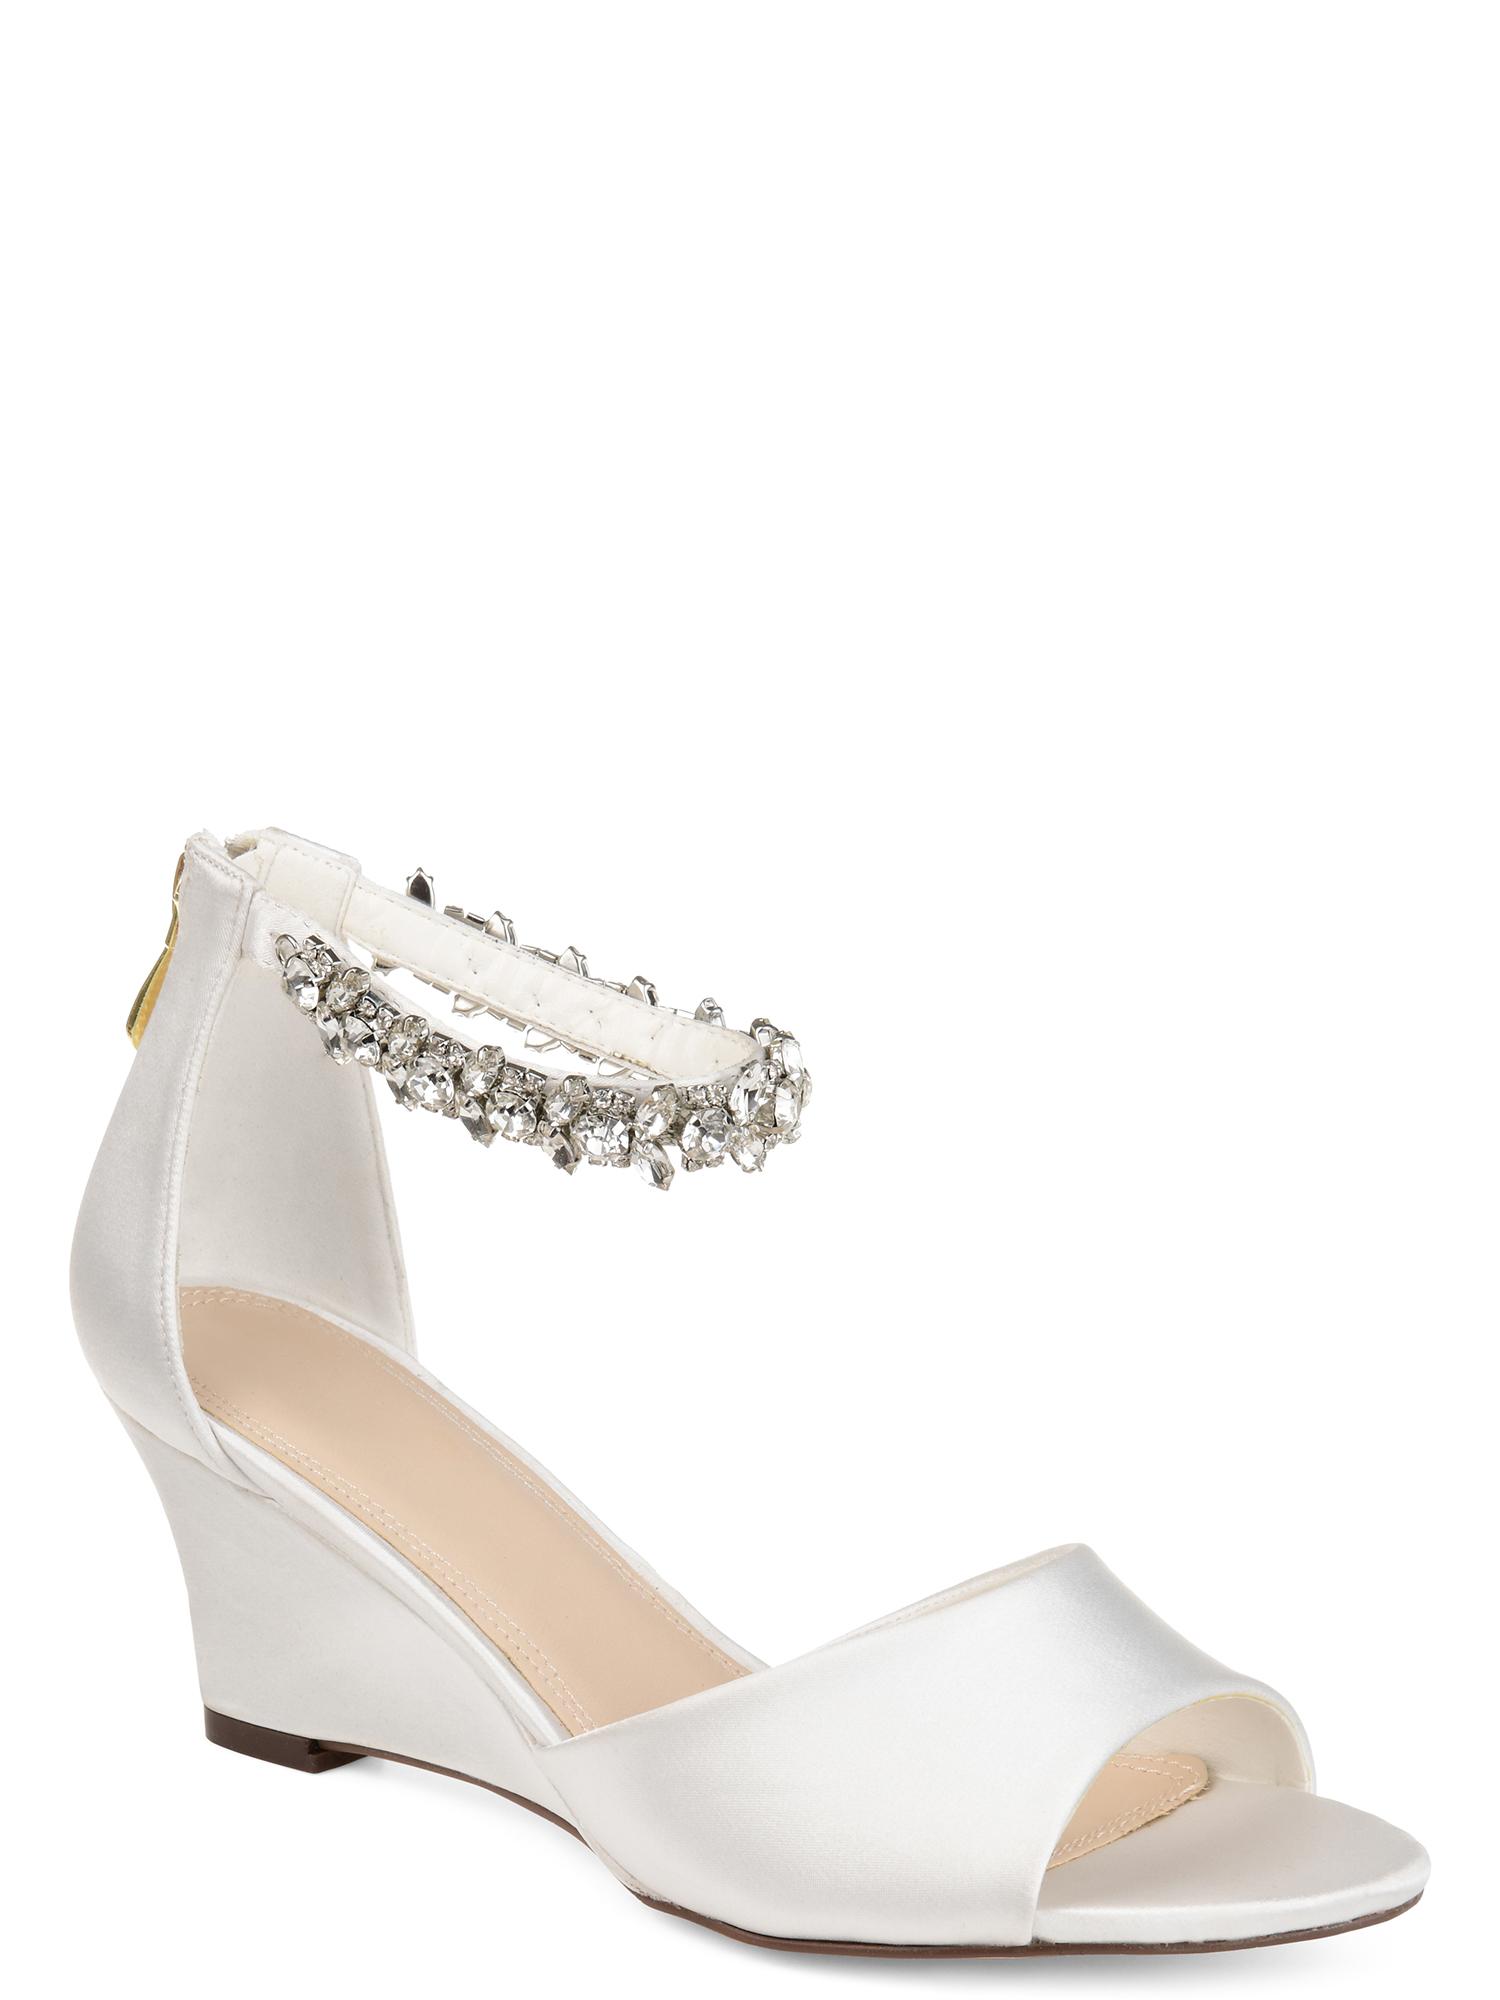 Womens Jeweled Open-toe Wedge